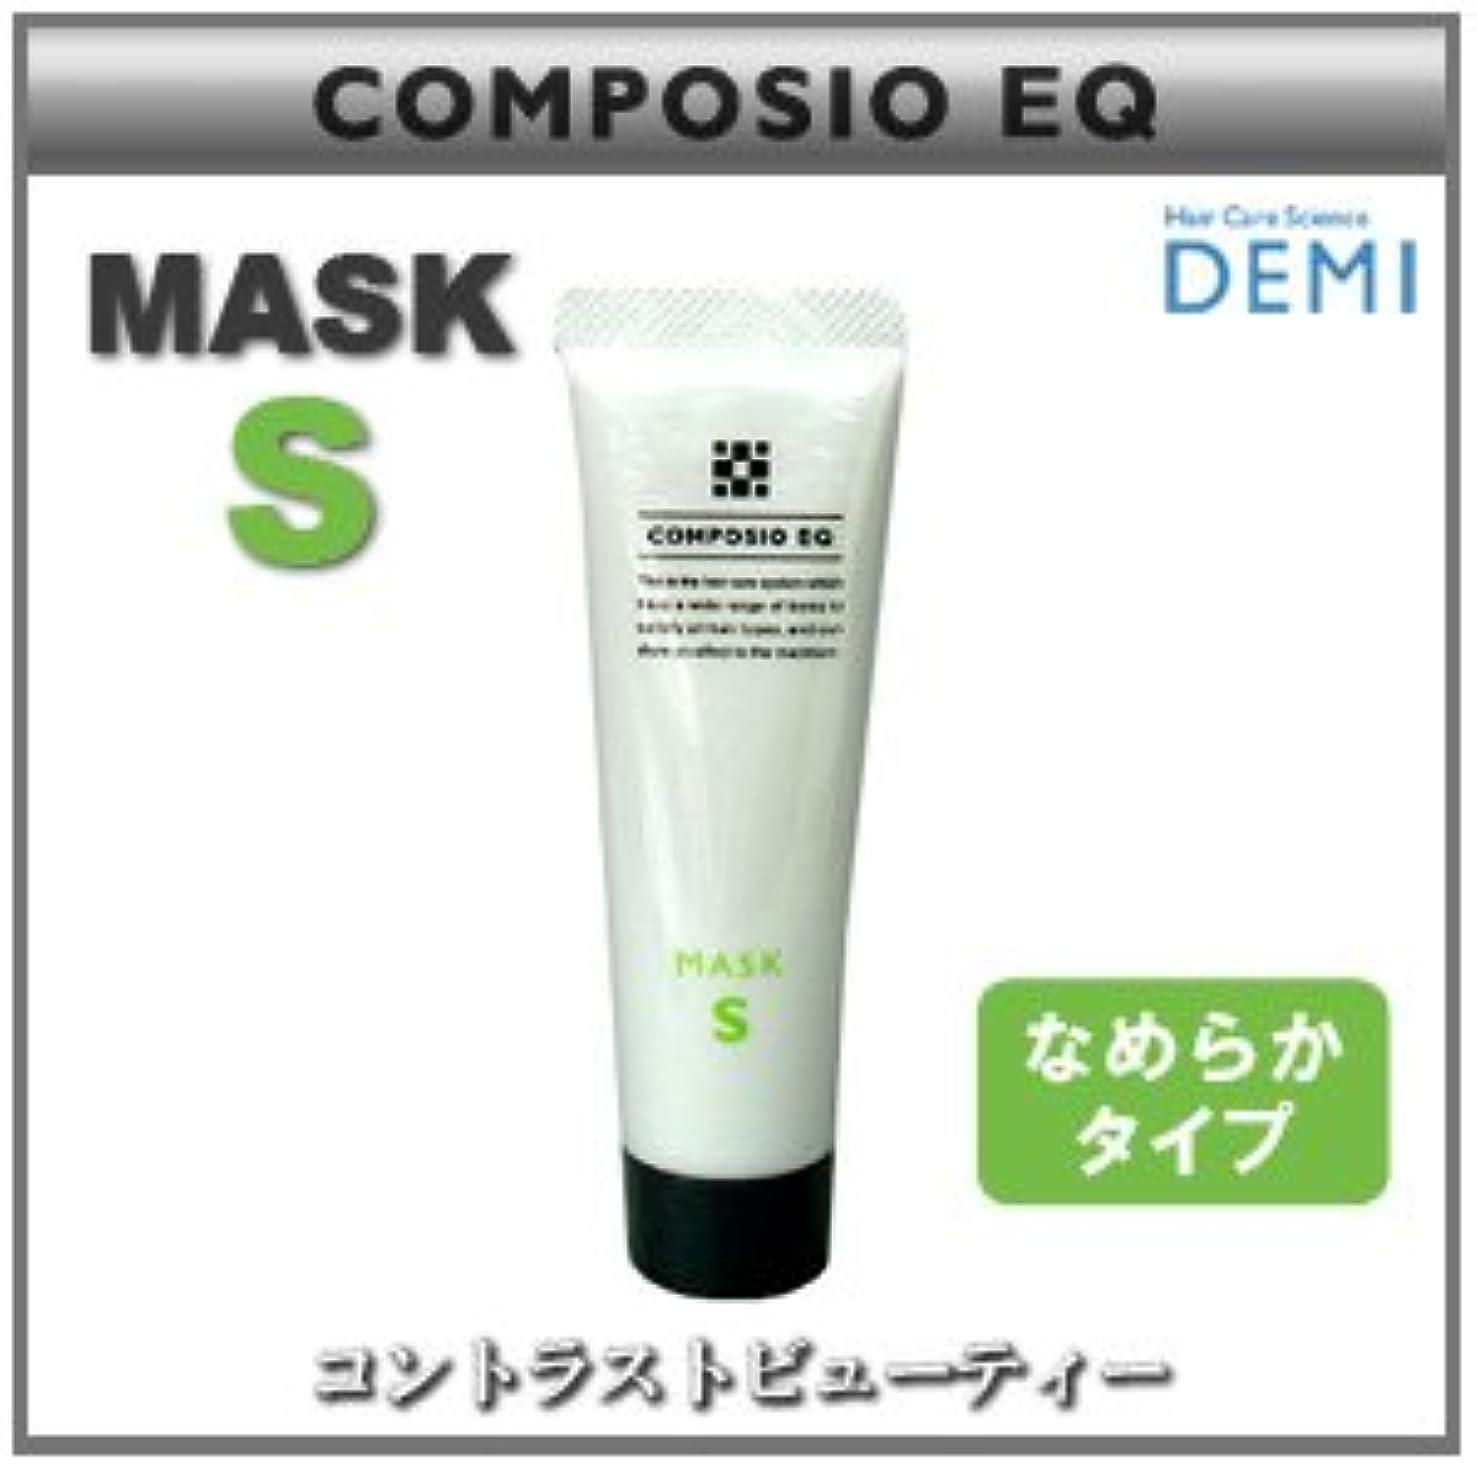 たっぷり記憶に残る横【X3個セット】 デミ コンポジオ EQ マスク S 50g